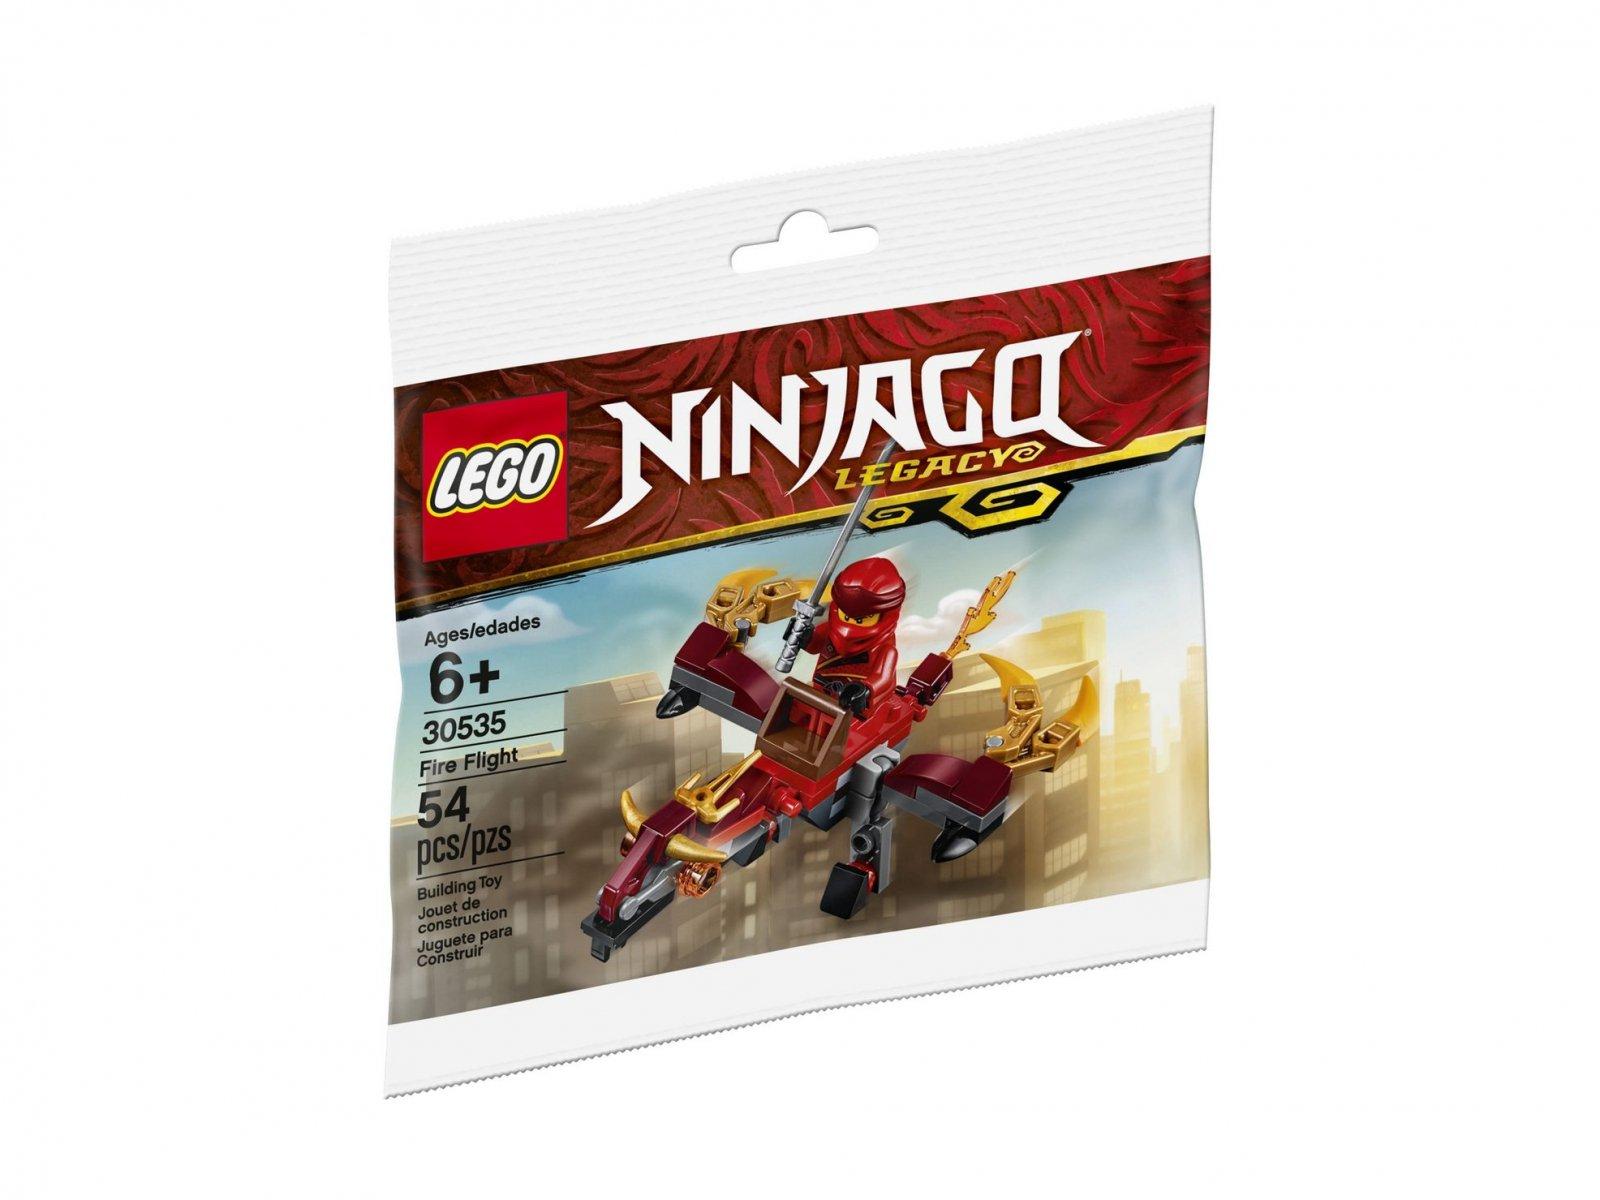 LEGO Ninjago® 30535 Fire Flight